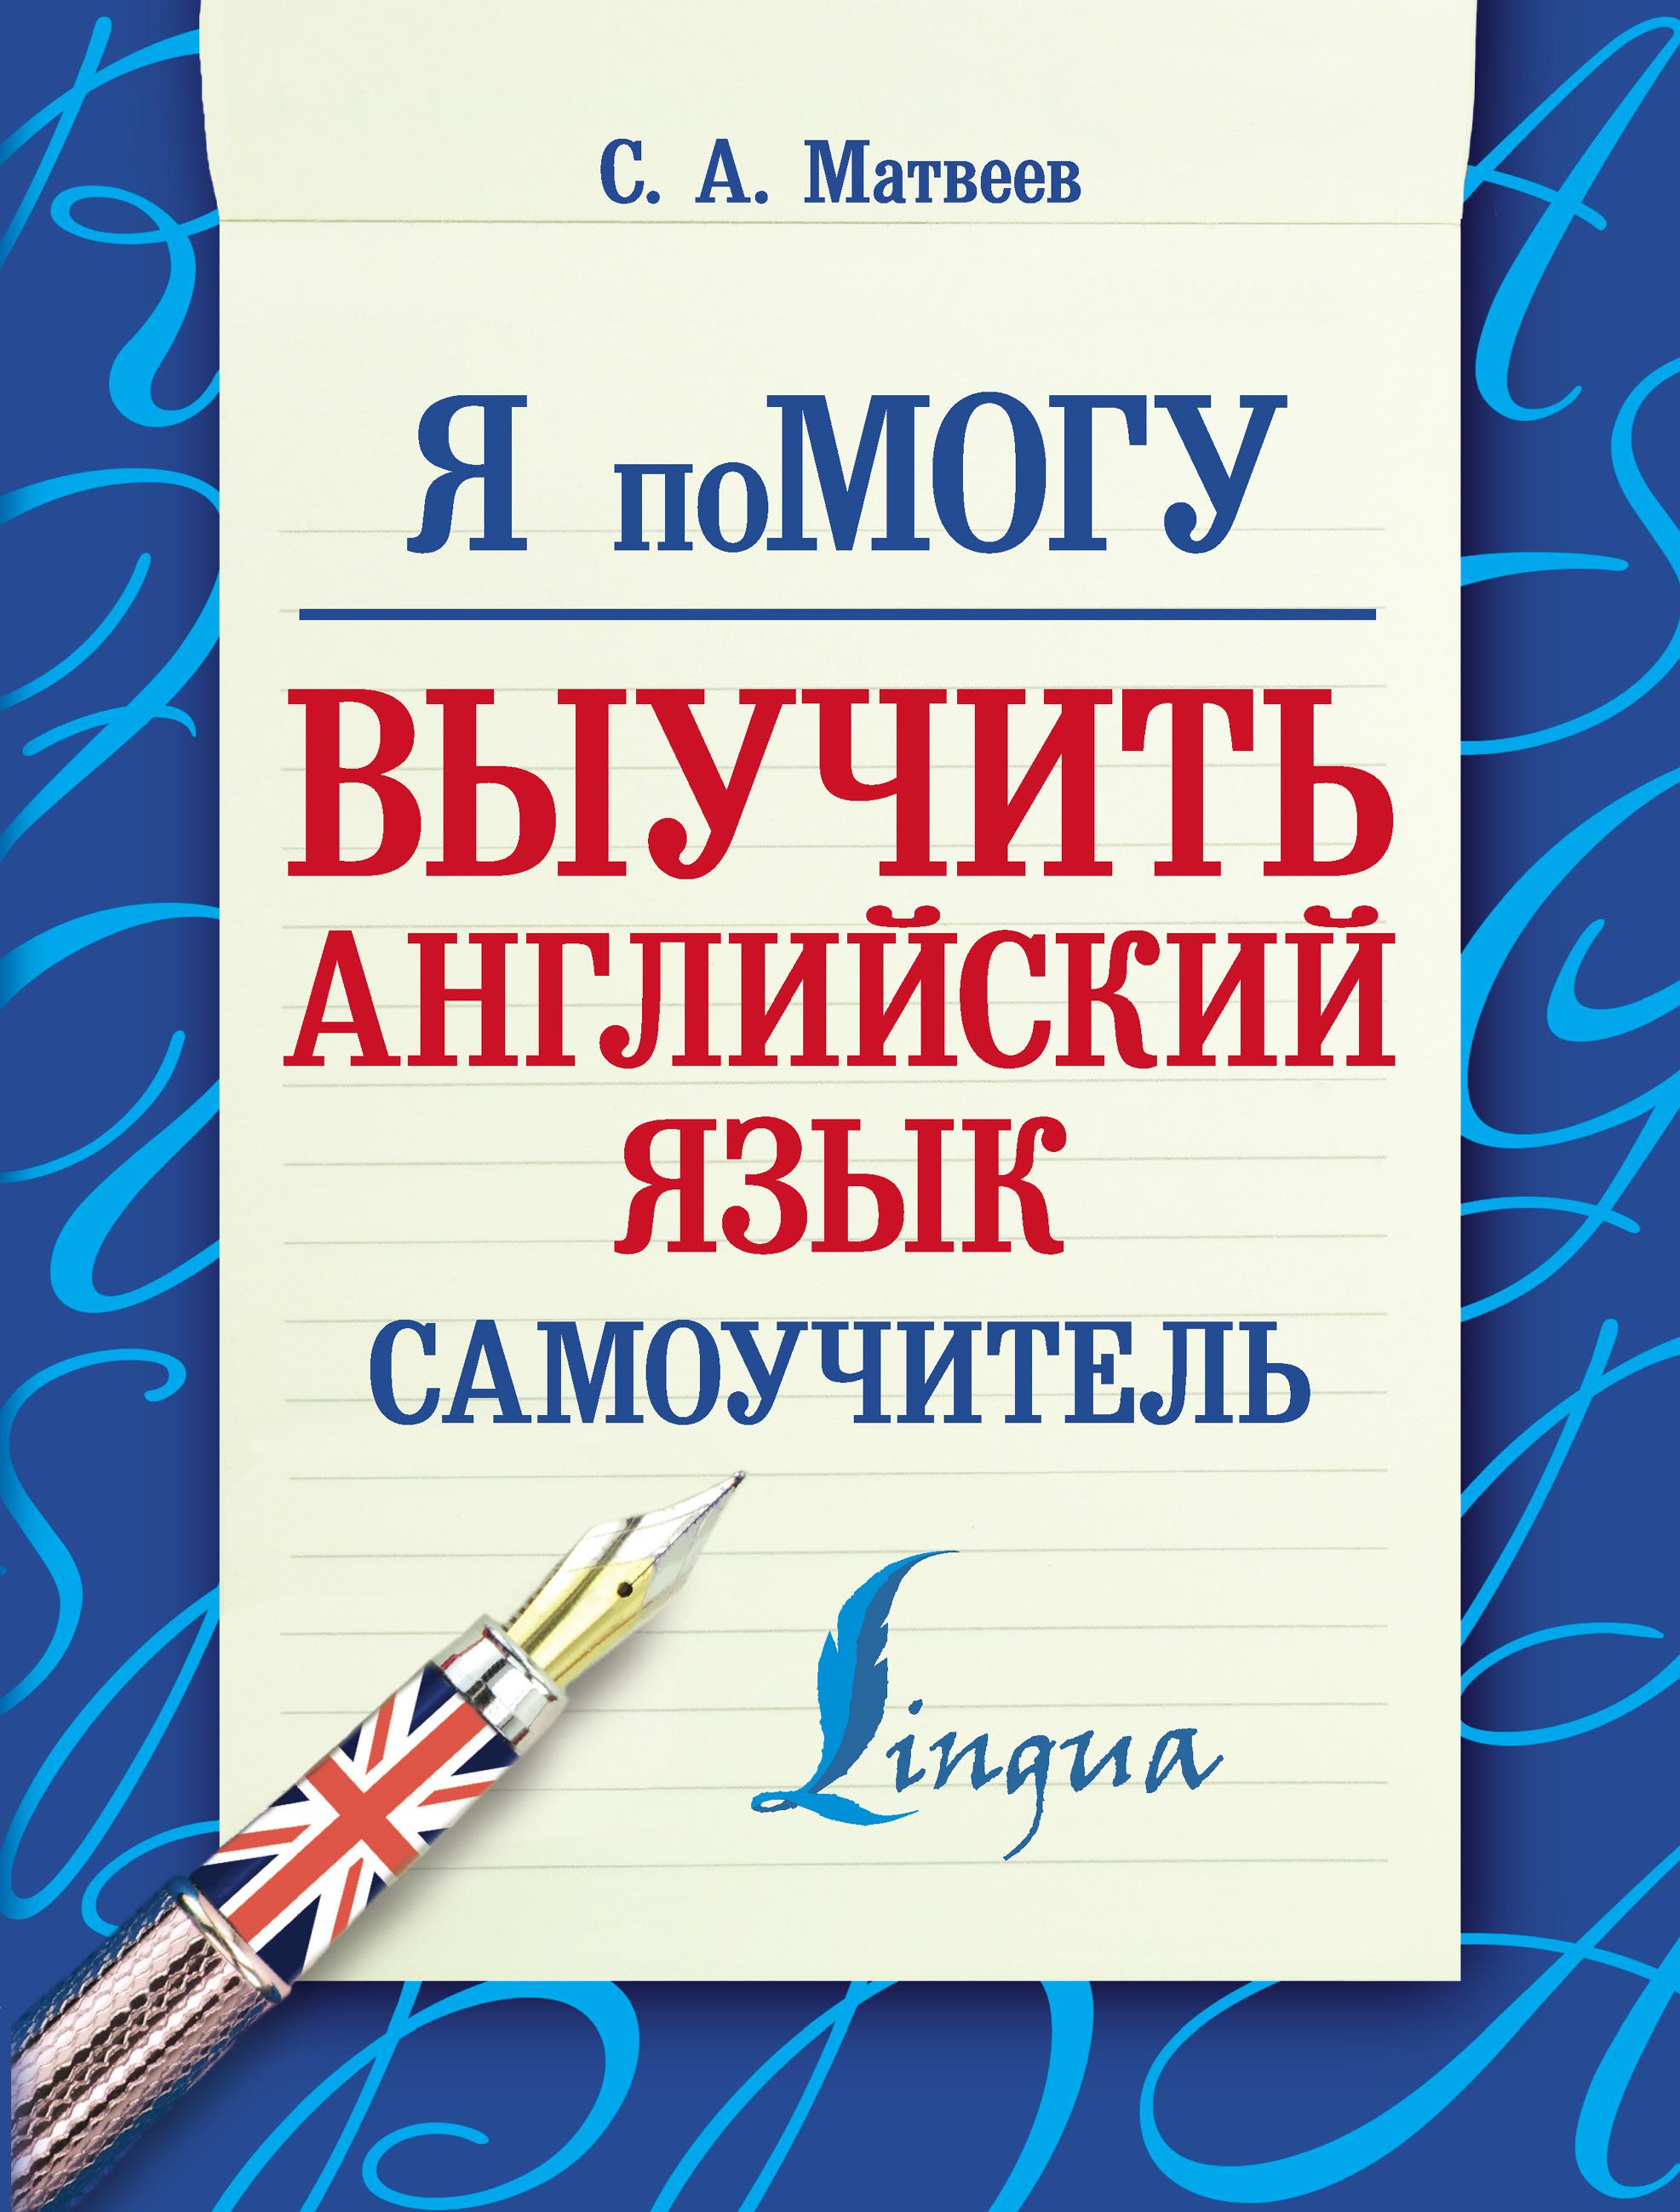 С. А. Матвеев Я помогу выучить английский язык. Самоучитель матвеев сергей александрович я помогу выучить английский язык